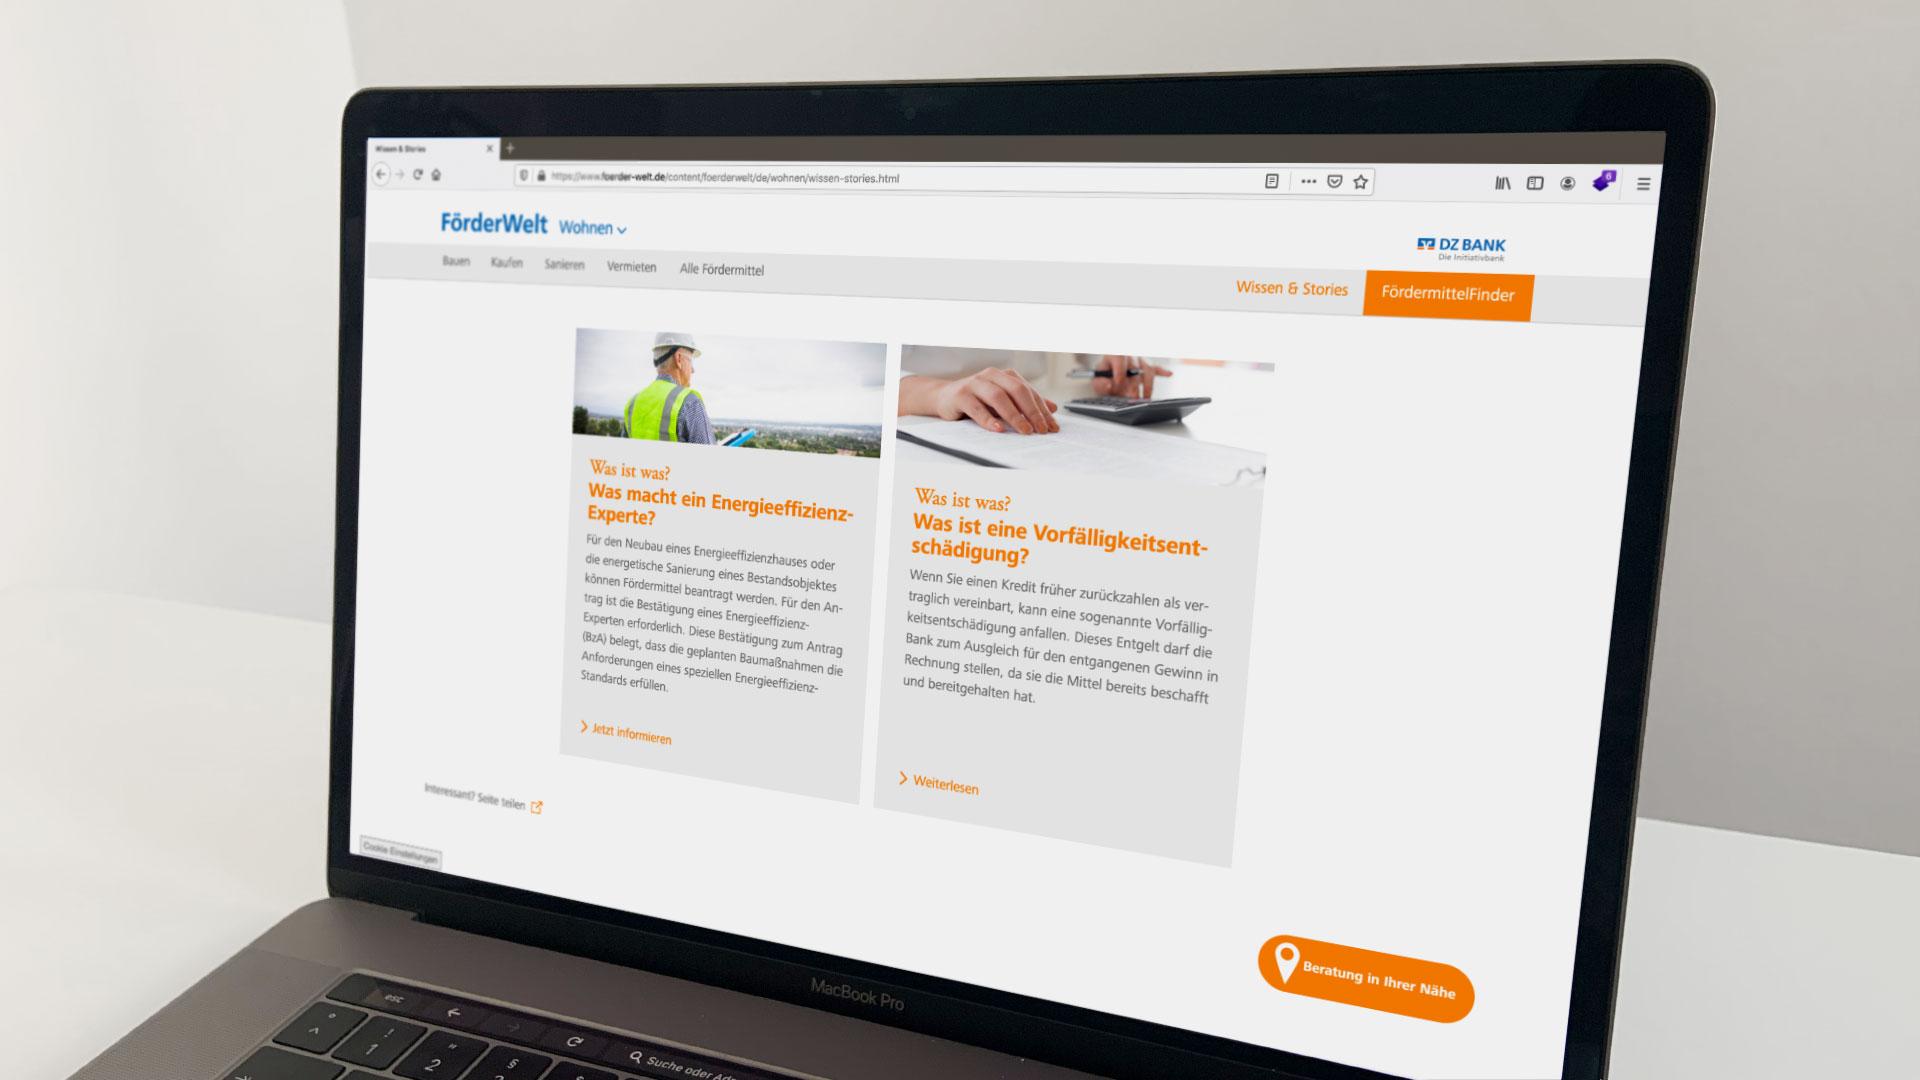 Informative Artikel im Bereich Wissen & Stories auf der FörderWelt